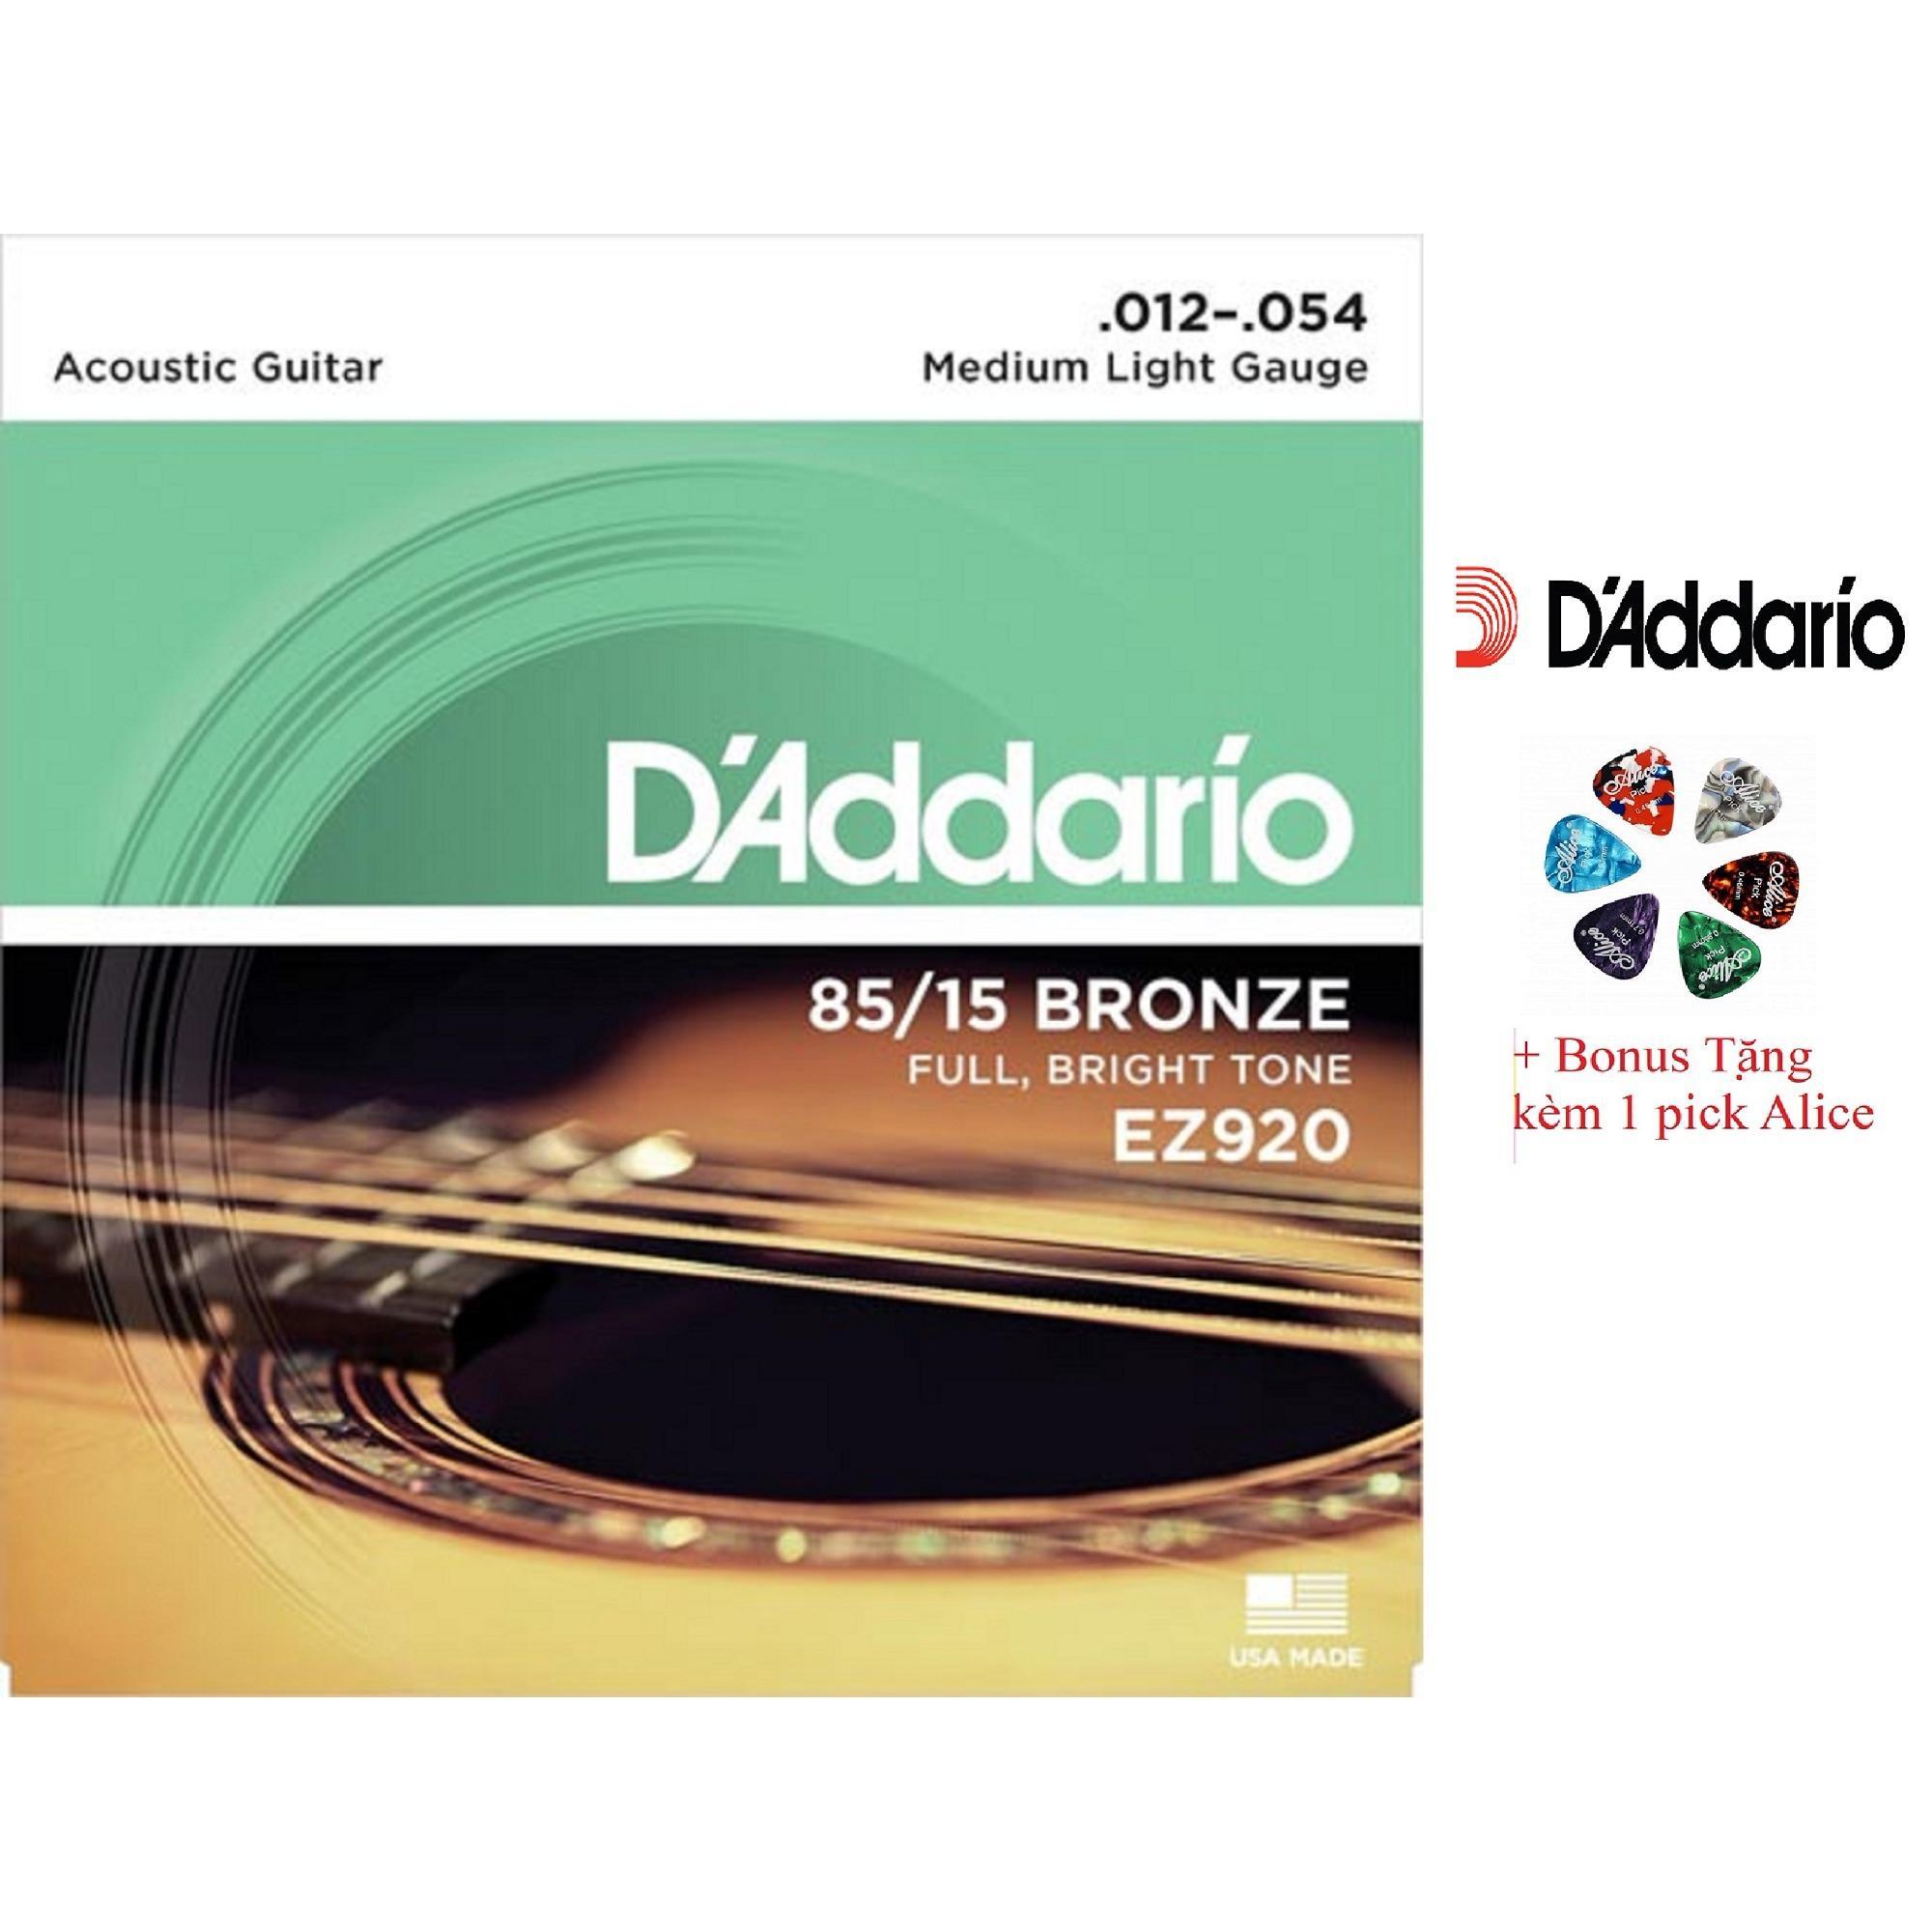 Giá Bán Bộ Hộp 6 Day Đan Guitar Acoustic D Addario Ez920 Cao Cấp Pick Alice Cỡ 12 Nguyên